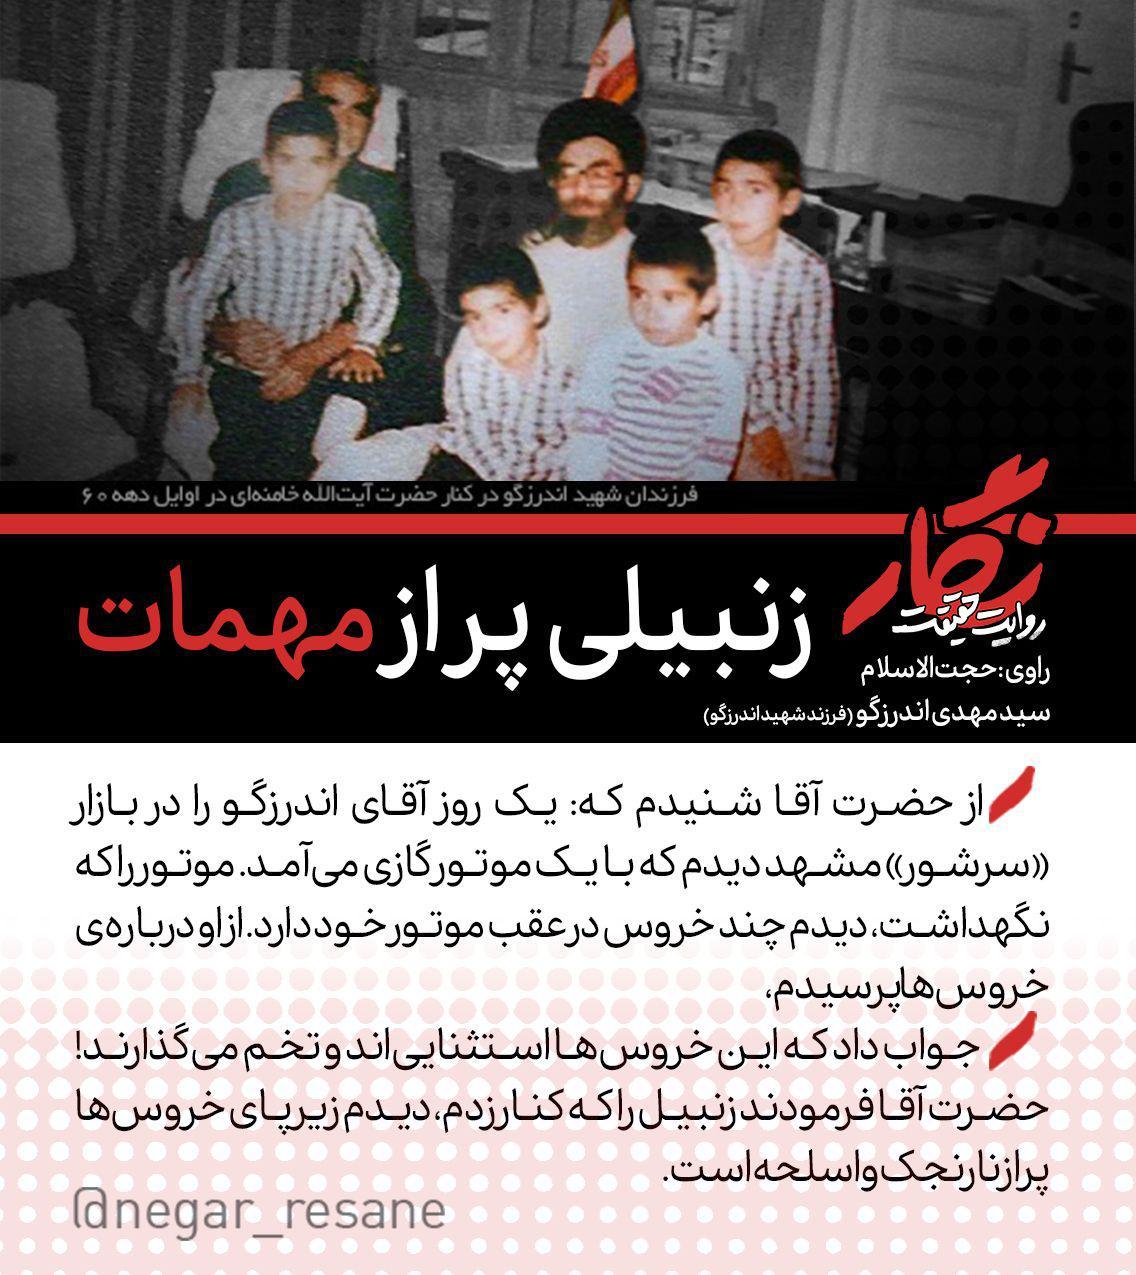 زنبیلی پر از مهمات ؛ روایتی از فرزند شهید اندرزگو +عکس